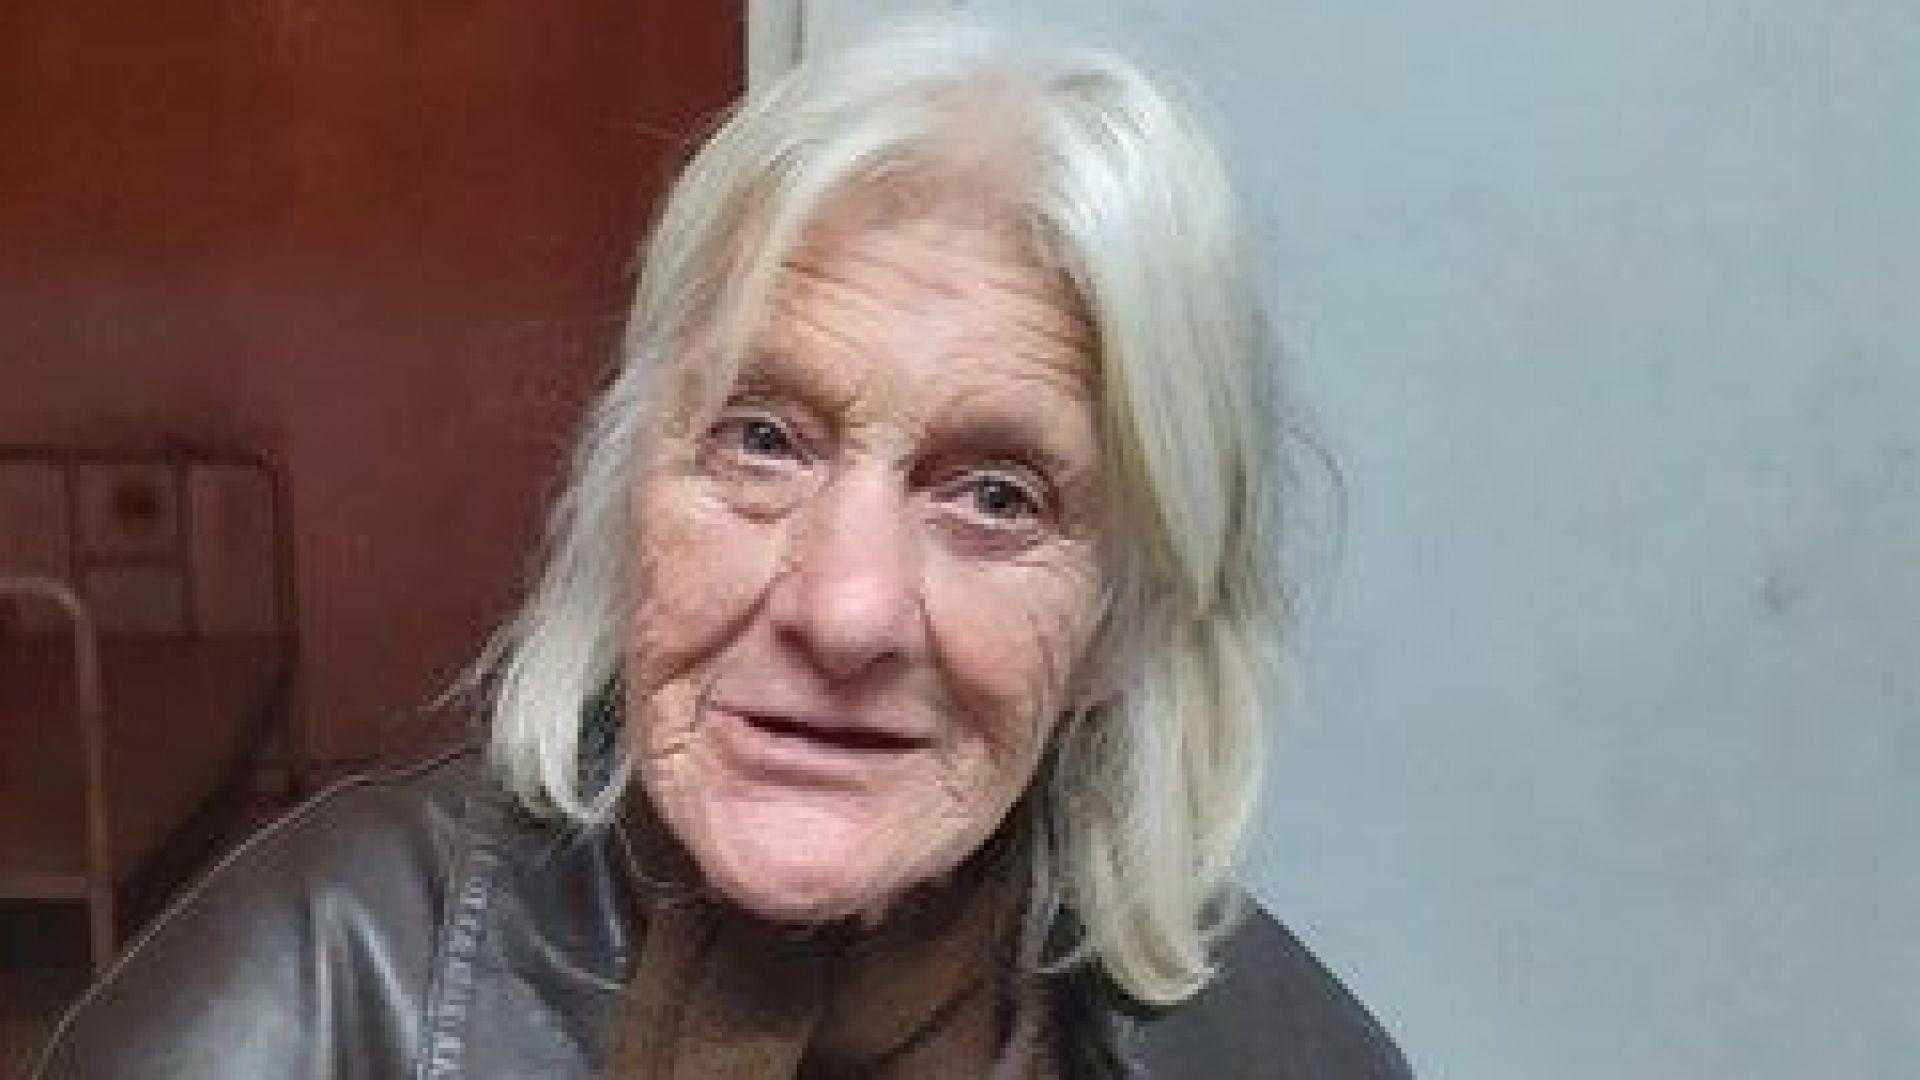 Столичната полиция търси съдействие за установяване на самоличността на възрастна